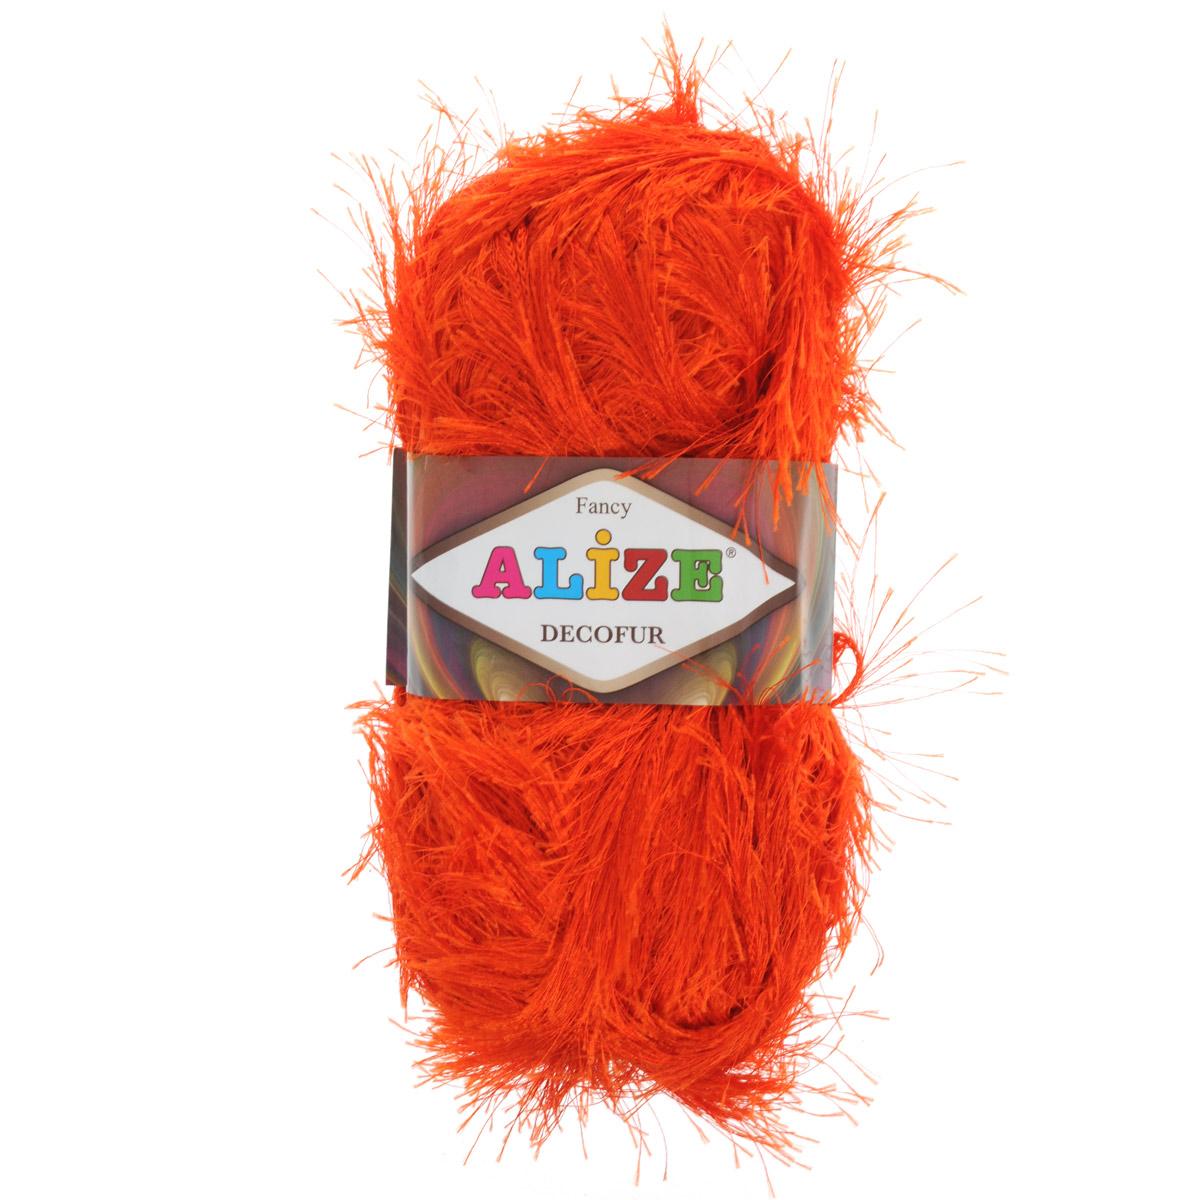 Пряжа для вязания Alize Decofur, цвет: рыжий (89), 110 м, 100 г, 5 шт364128_89Пряжа для вязания Alize Decofur изготовлена из полиэстера. Пряжа-травка предназначена для ручного вязания и идеально подходит для отделки. Готовый ворс получается равным 4 см. Рекомендованные спицы для вязания 6-8 мм. Рекомендованный крючок для вязания 3-4 мм. Комплектация: 5 мотков. Состав: 100% полиэстер.